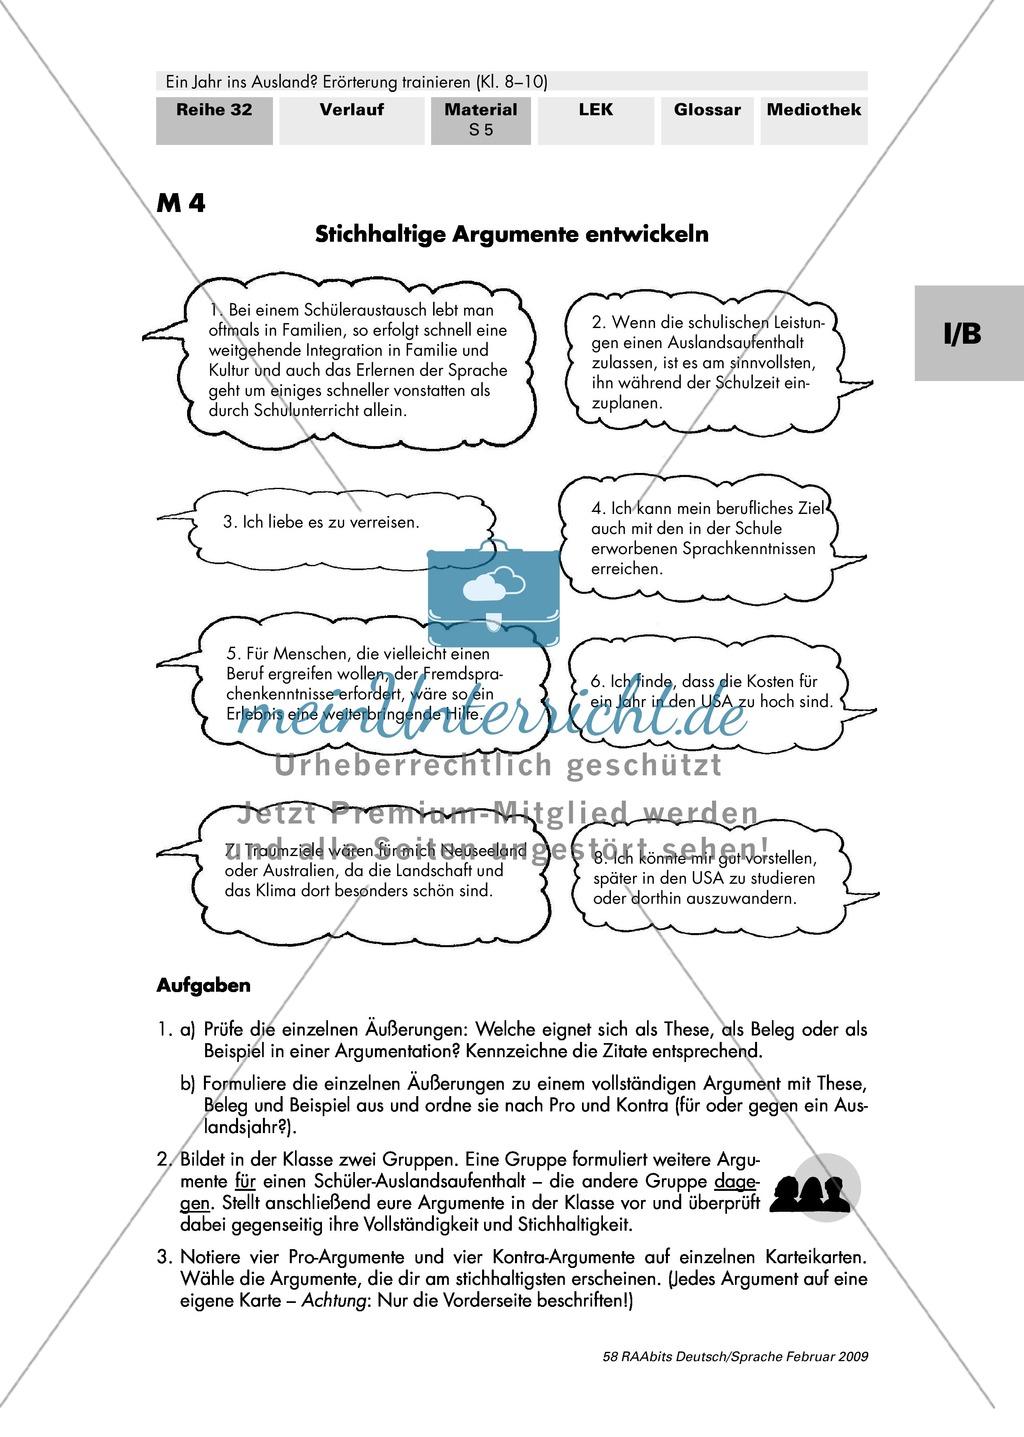 argumente in errterungen anordnen argumentationsbaum aufbau einer dialektischen errterung preview 1 - Dialektische Errterung Muster